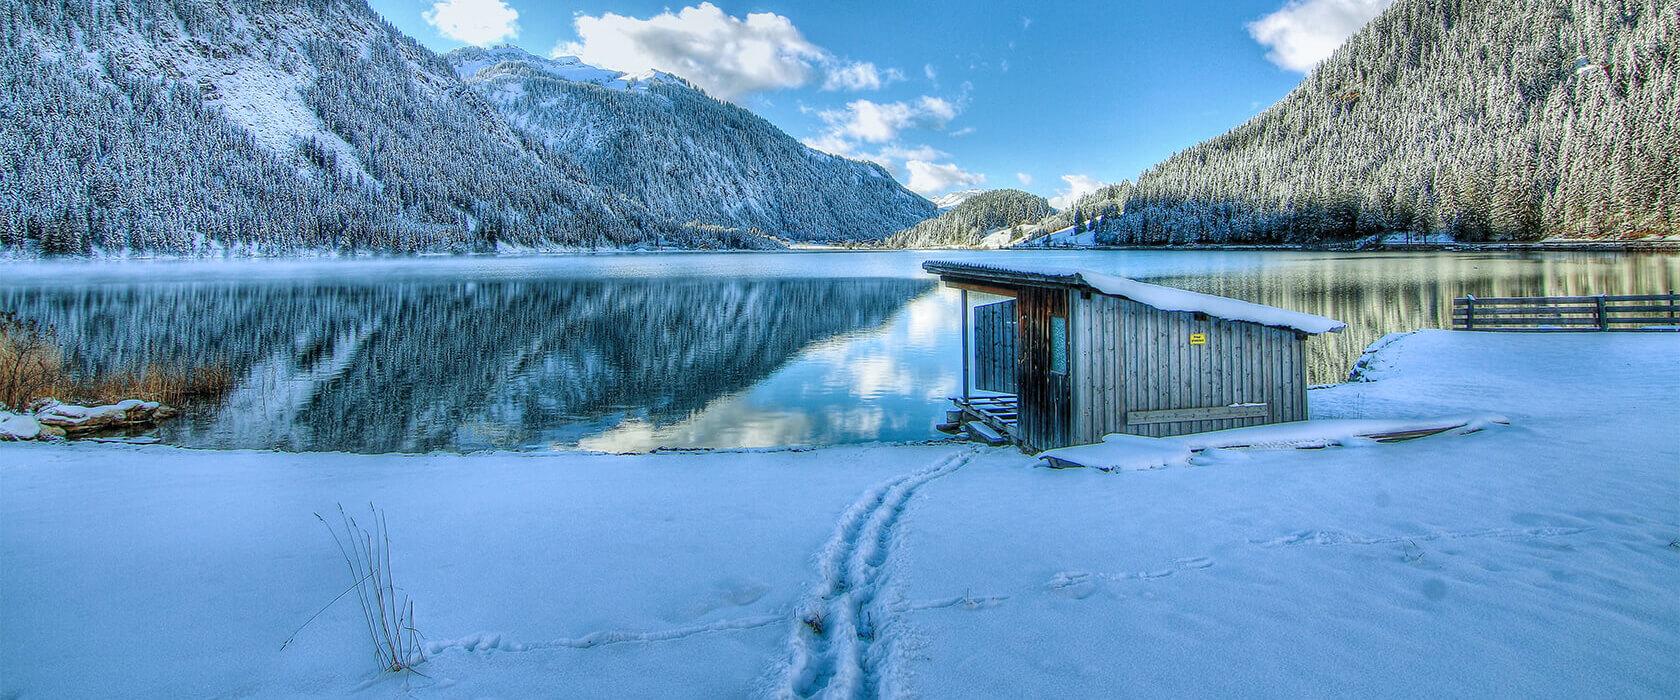 Schneeschuhwanderungen im Winterwanderurlaub am Haldensee im Tannheimer Tal